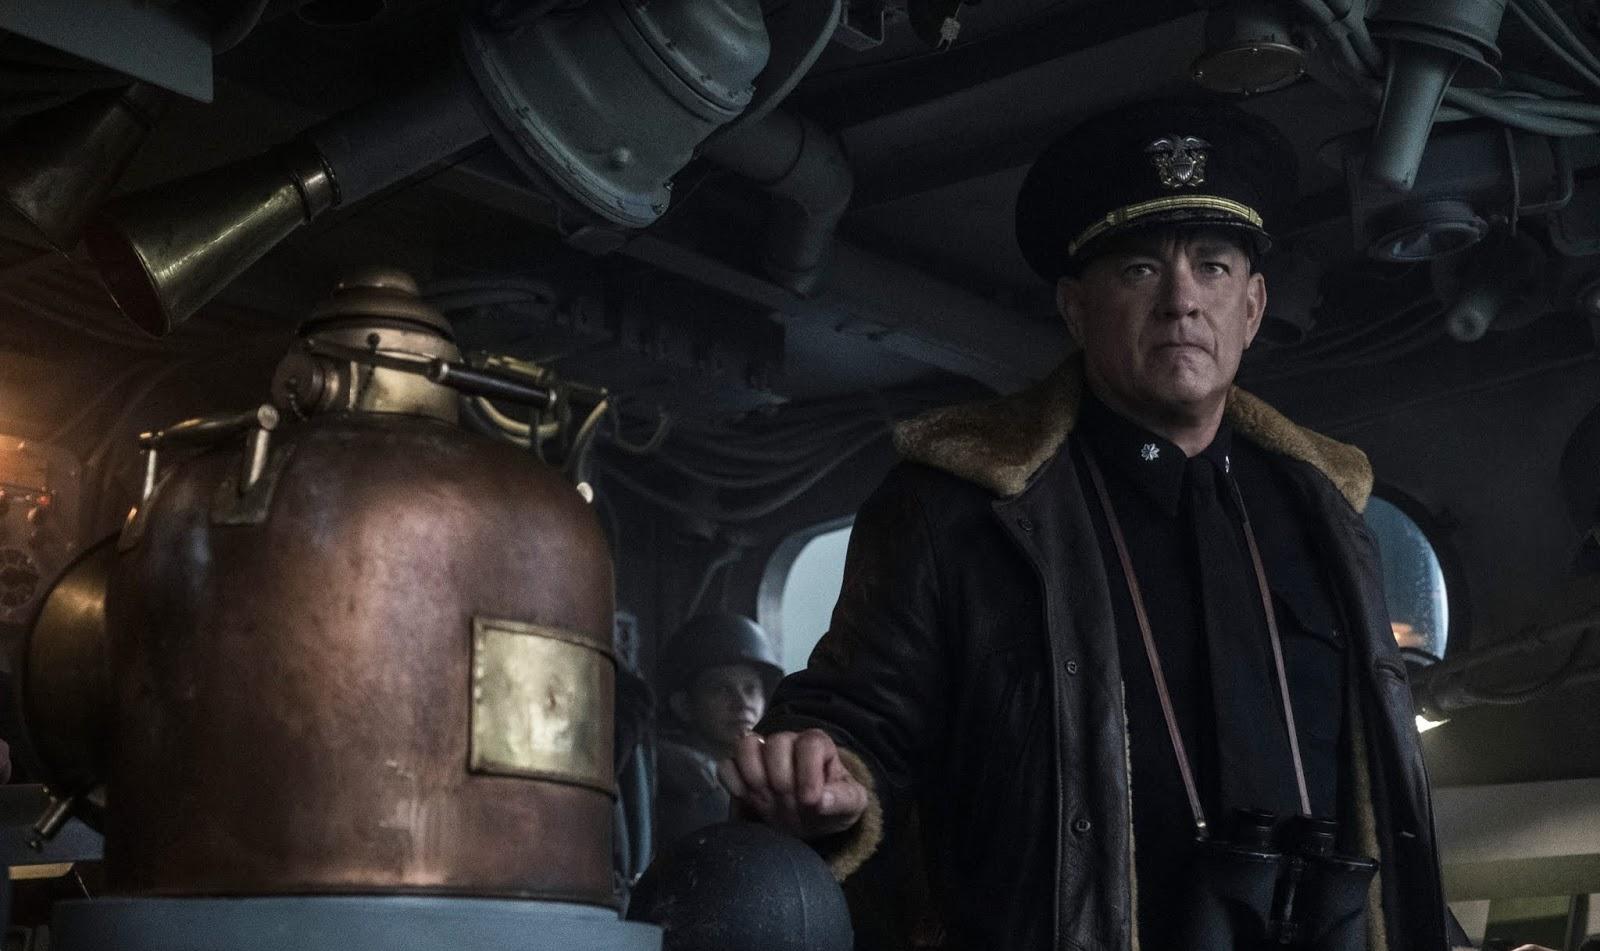 Cena do filme Greyhound. Nela vemos Tom Hanks, um homem branco e de meia-idade, com roupa de capitão. Ele está dentro de um barco, e veste uma jaqueta de couro escura e um cap preto com uma insígnia prateada, e um par de binóculos pendurado no pescoço.